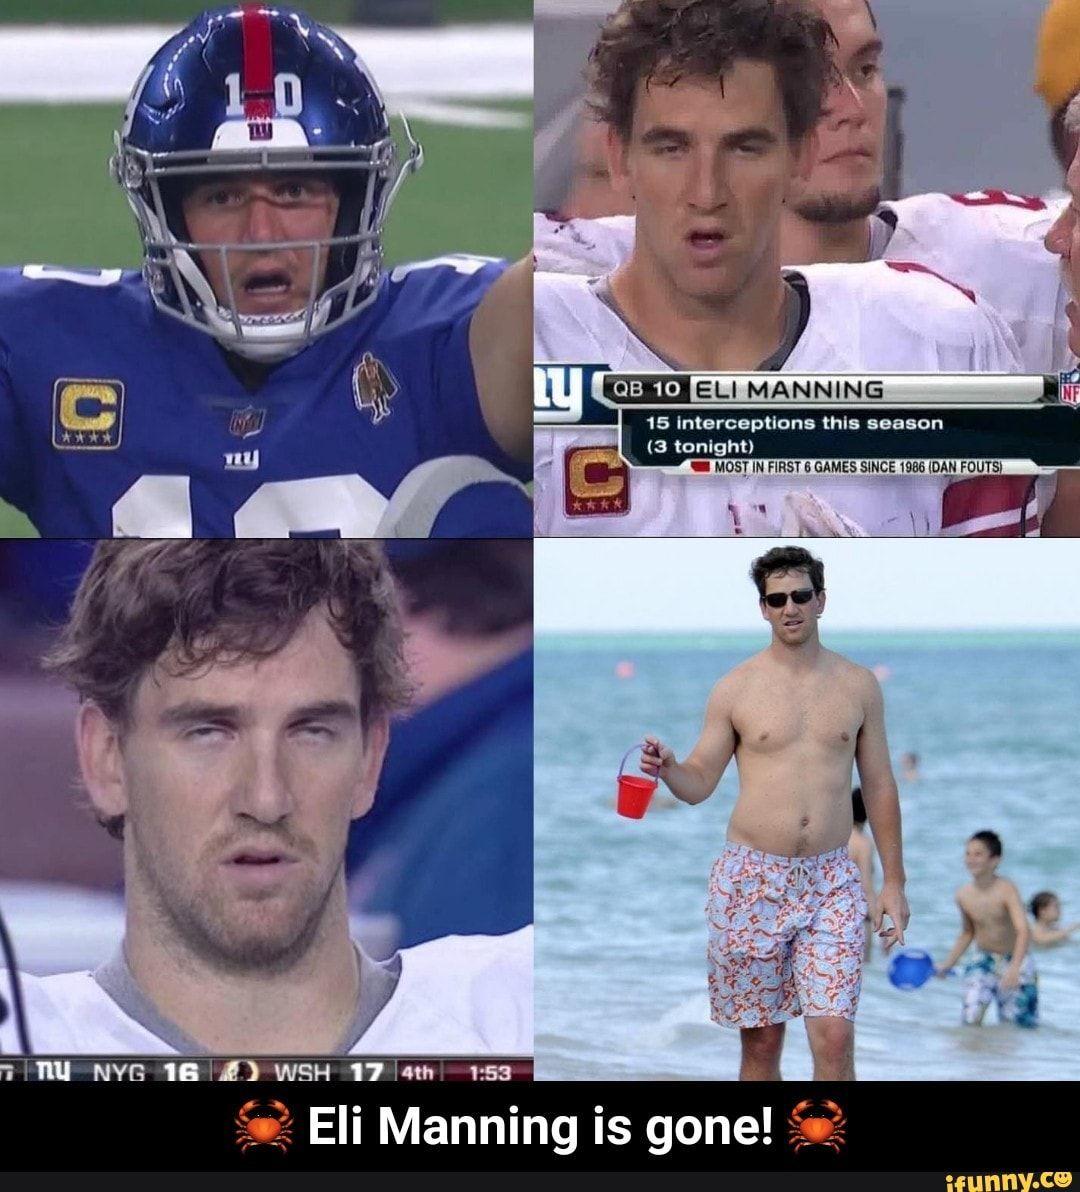 Eli Manning is gone! 🦀 iFunny ) Peyton manning memes